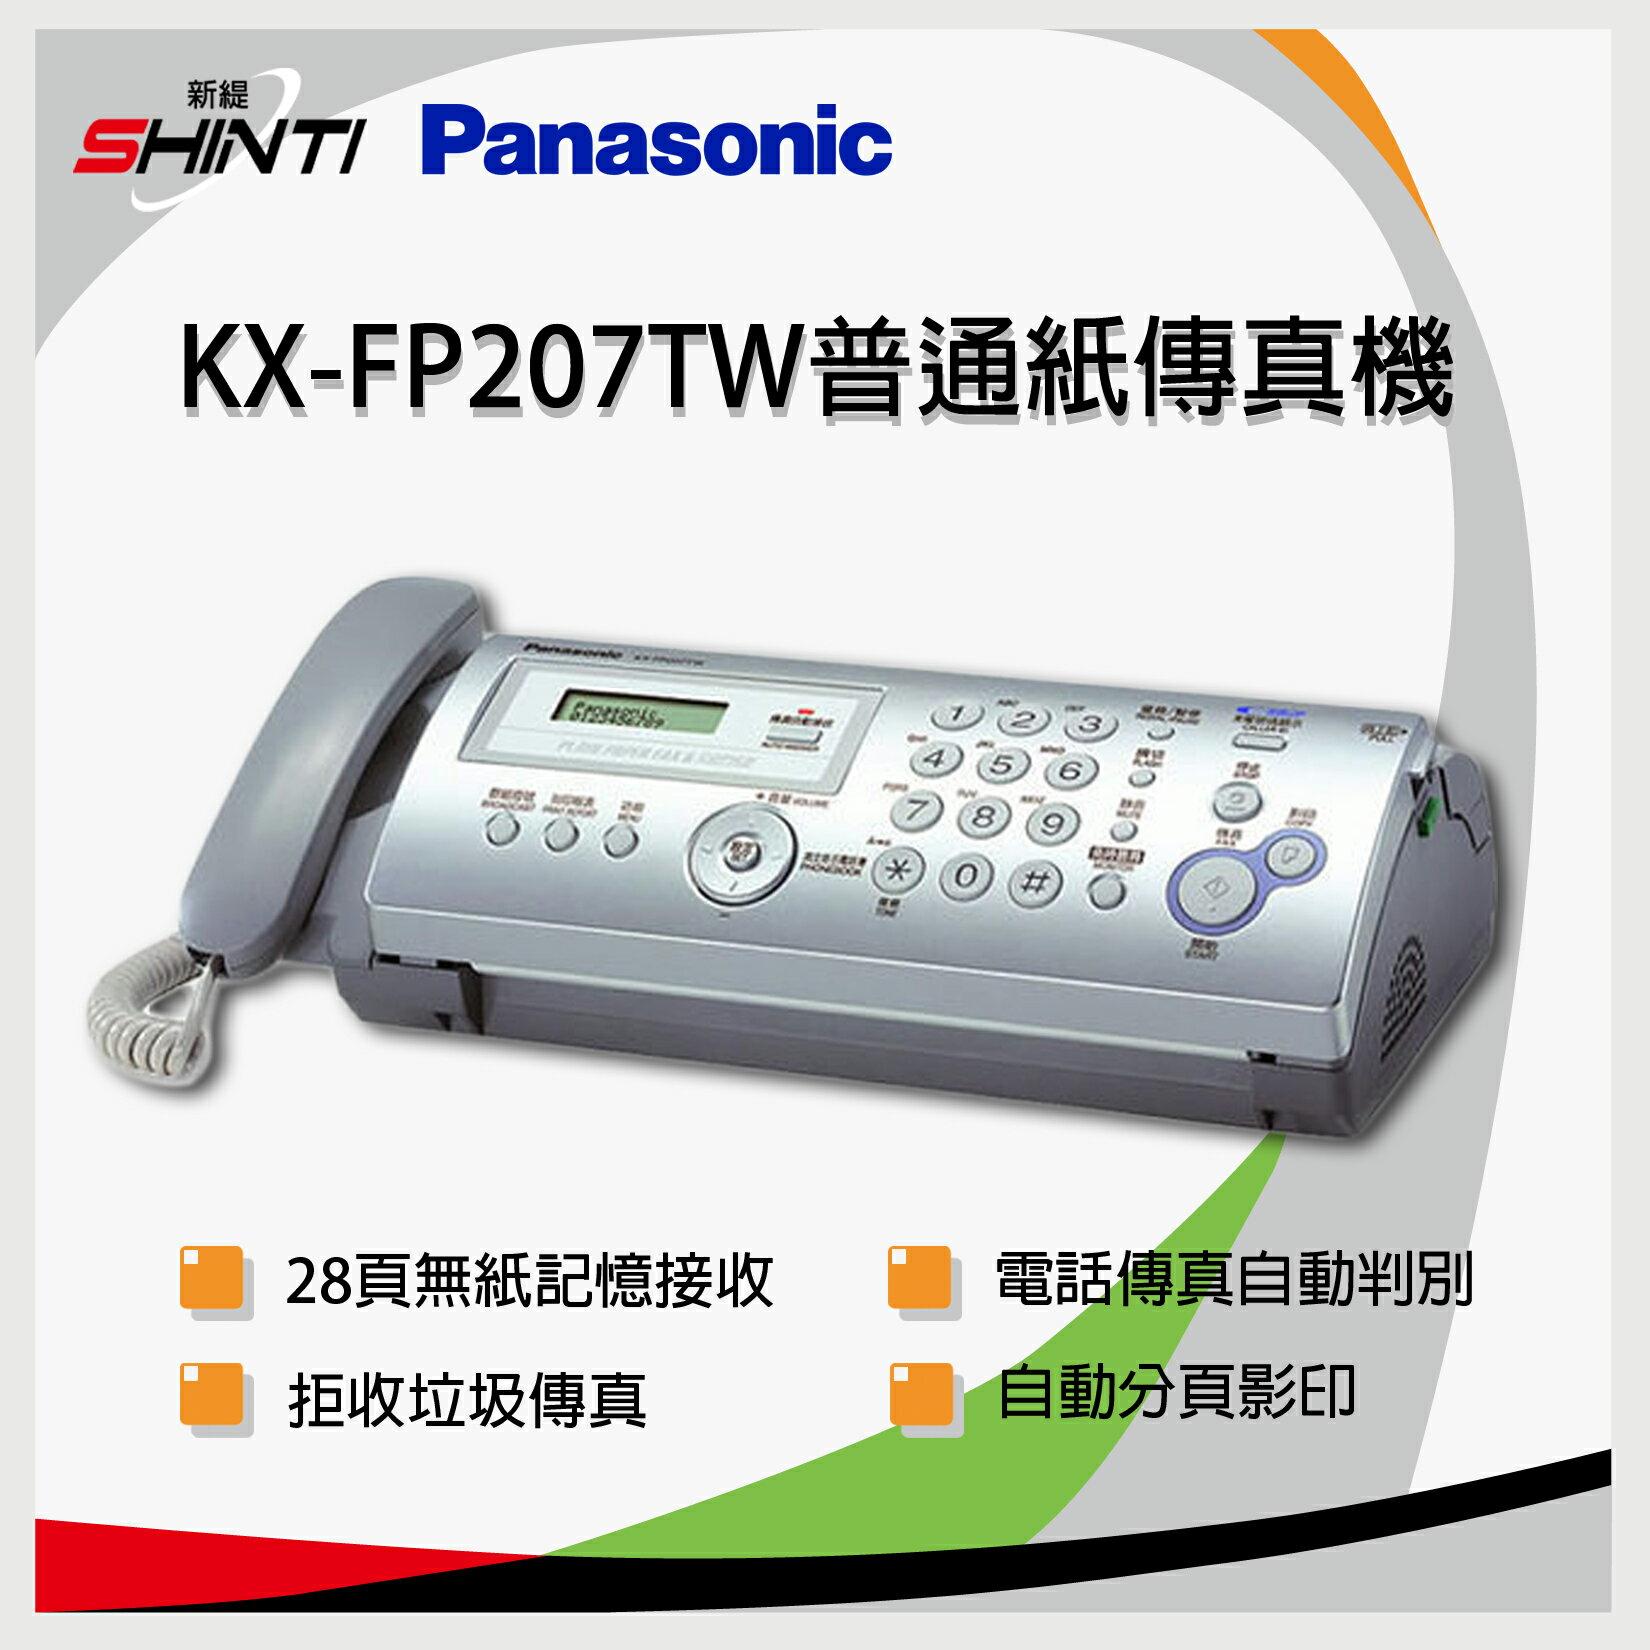 【免運】Panasonic KX-FP207TW 普通紙轉寫帶傳真機 - 原廠公司貨/保固兩年